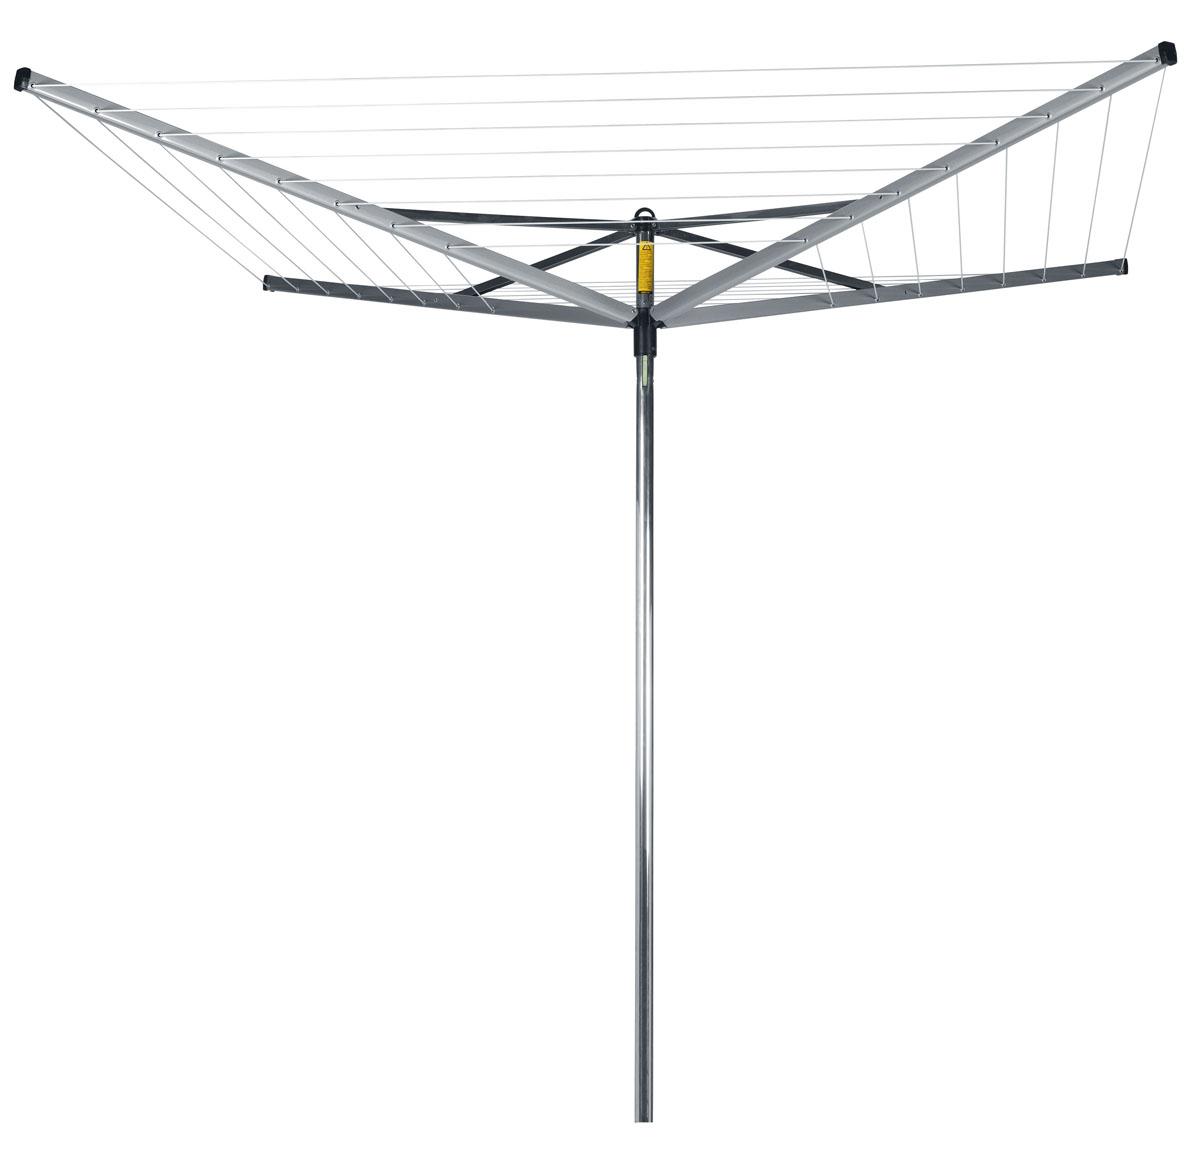 Сушилка для белья Brabantia Compact, уличная, цвет: серый, 40 м. 310669310669Навеска – 40 метров, максимальная нагрузка – 40 кг. Простой и удобный регулируемый зонтичный механизм сложения. Всегда туго натянутые веревки – регулировка натяжения в двух положениях. Бельевые веревки устойчивы к действию УФ и имеют нескользящий профиль. При необходимости удобная замена каждой веревки по отдельности. На всех направляющих предусмотрены специальные отверстия для плечиков. Удобна в хранении – прочная петелька для подвешивания. В комплекте: пластиковое основание для установки в грунт с закрывающимся отверстием (диаметр 35 см). Отдельно предлагается металлическое основание для установки в грунт, а также чехол.